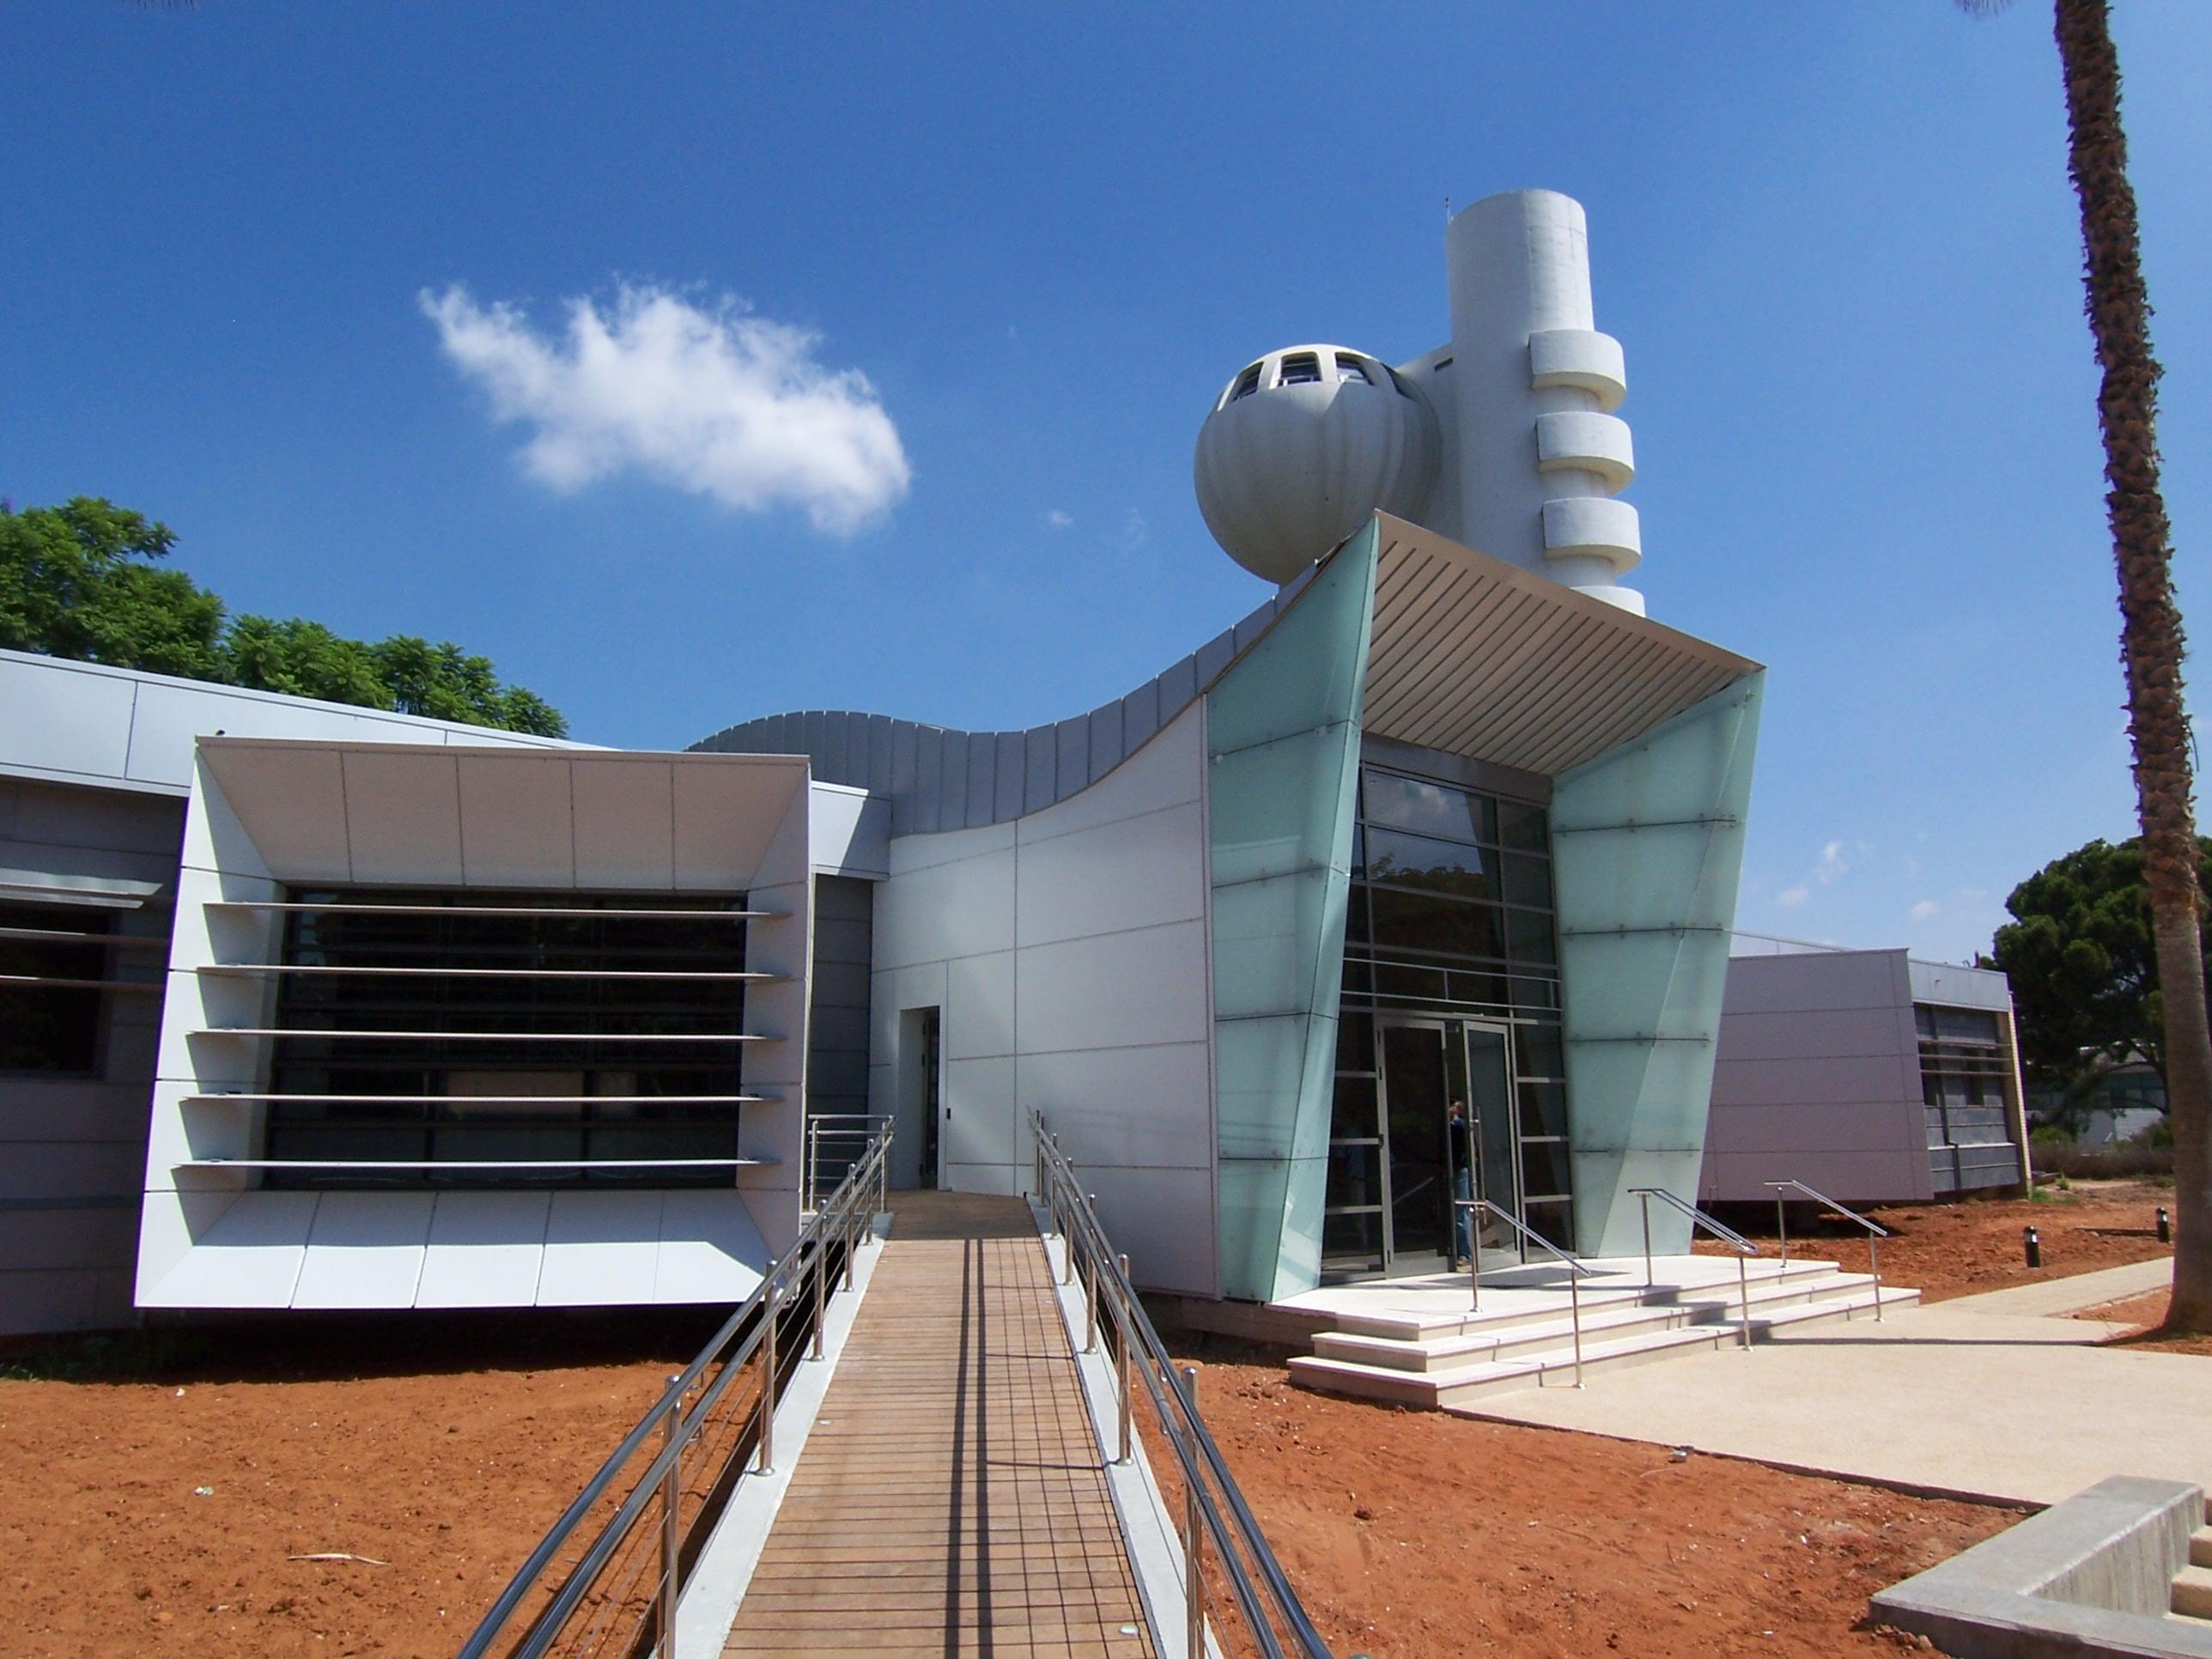 Feinberg graduate school - weizman institute of science - Rechovot (2)